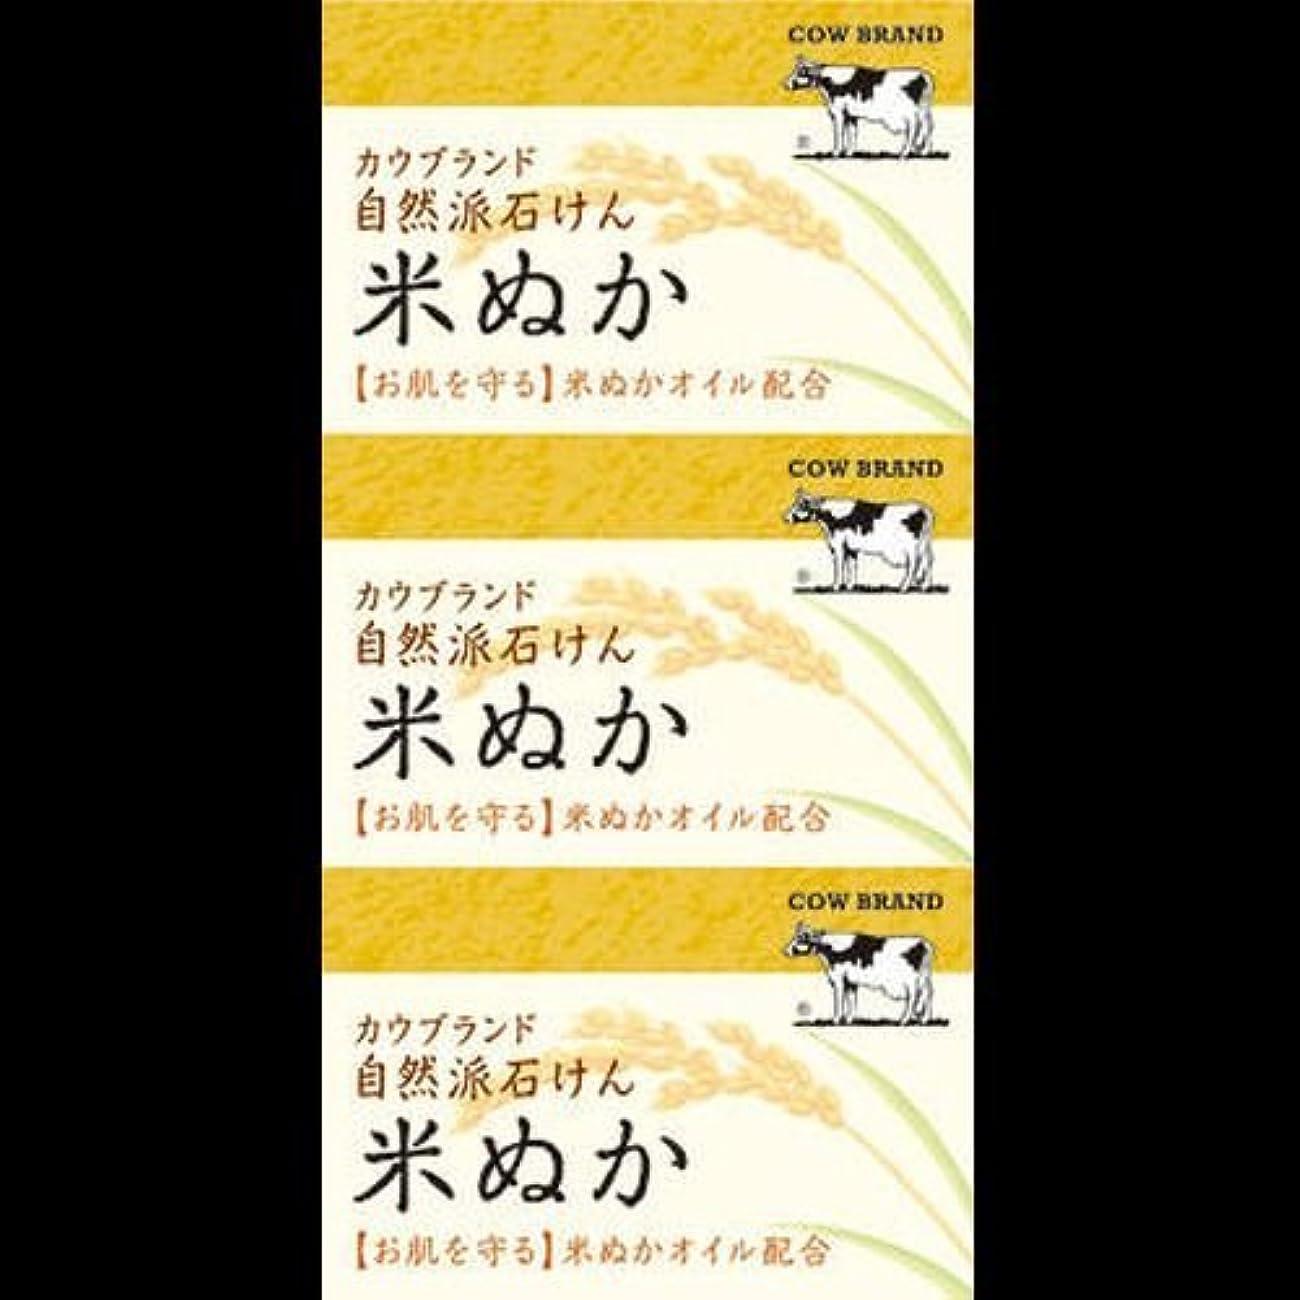 不和ホイール浸漬【まとめ買い】カウブランド 自然派石けん 米ぬか 100g*3個 ×2セット